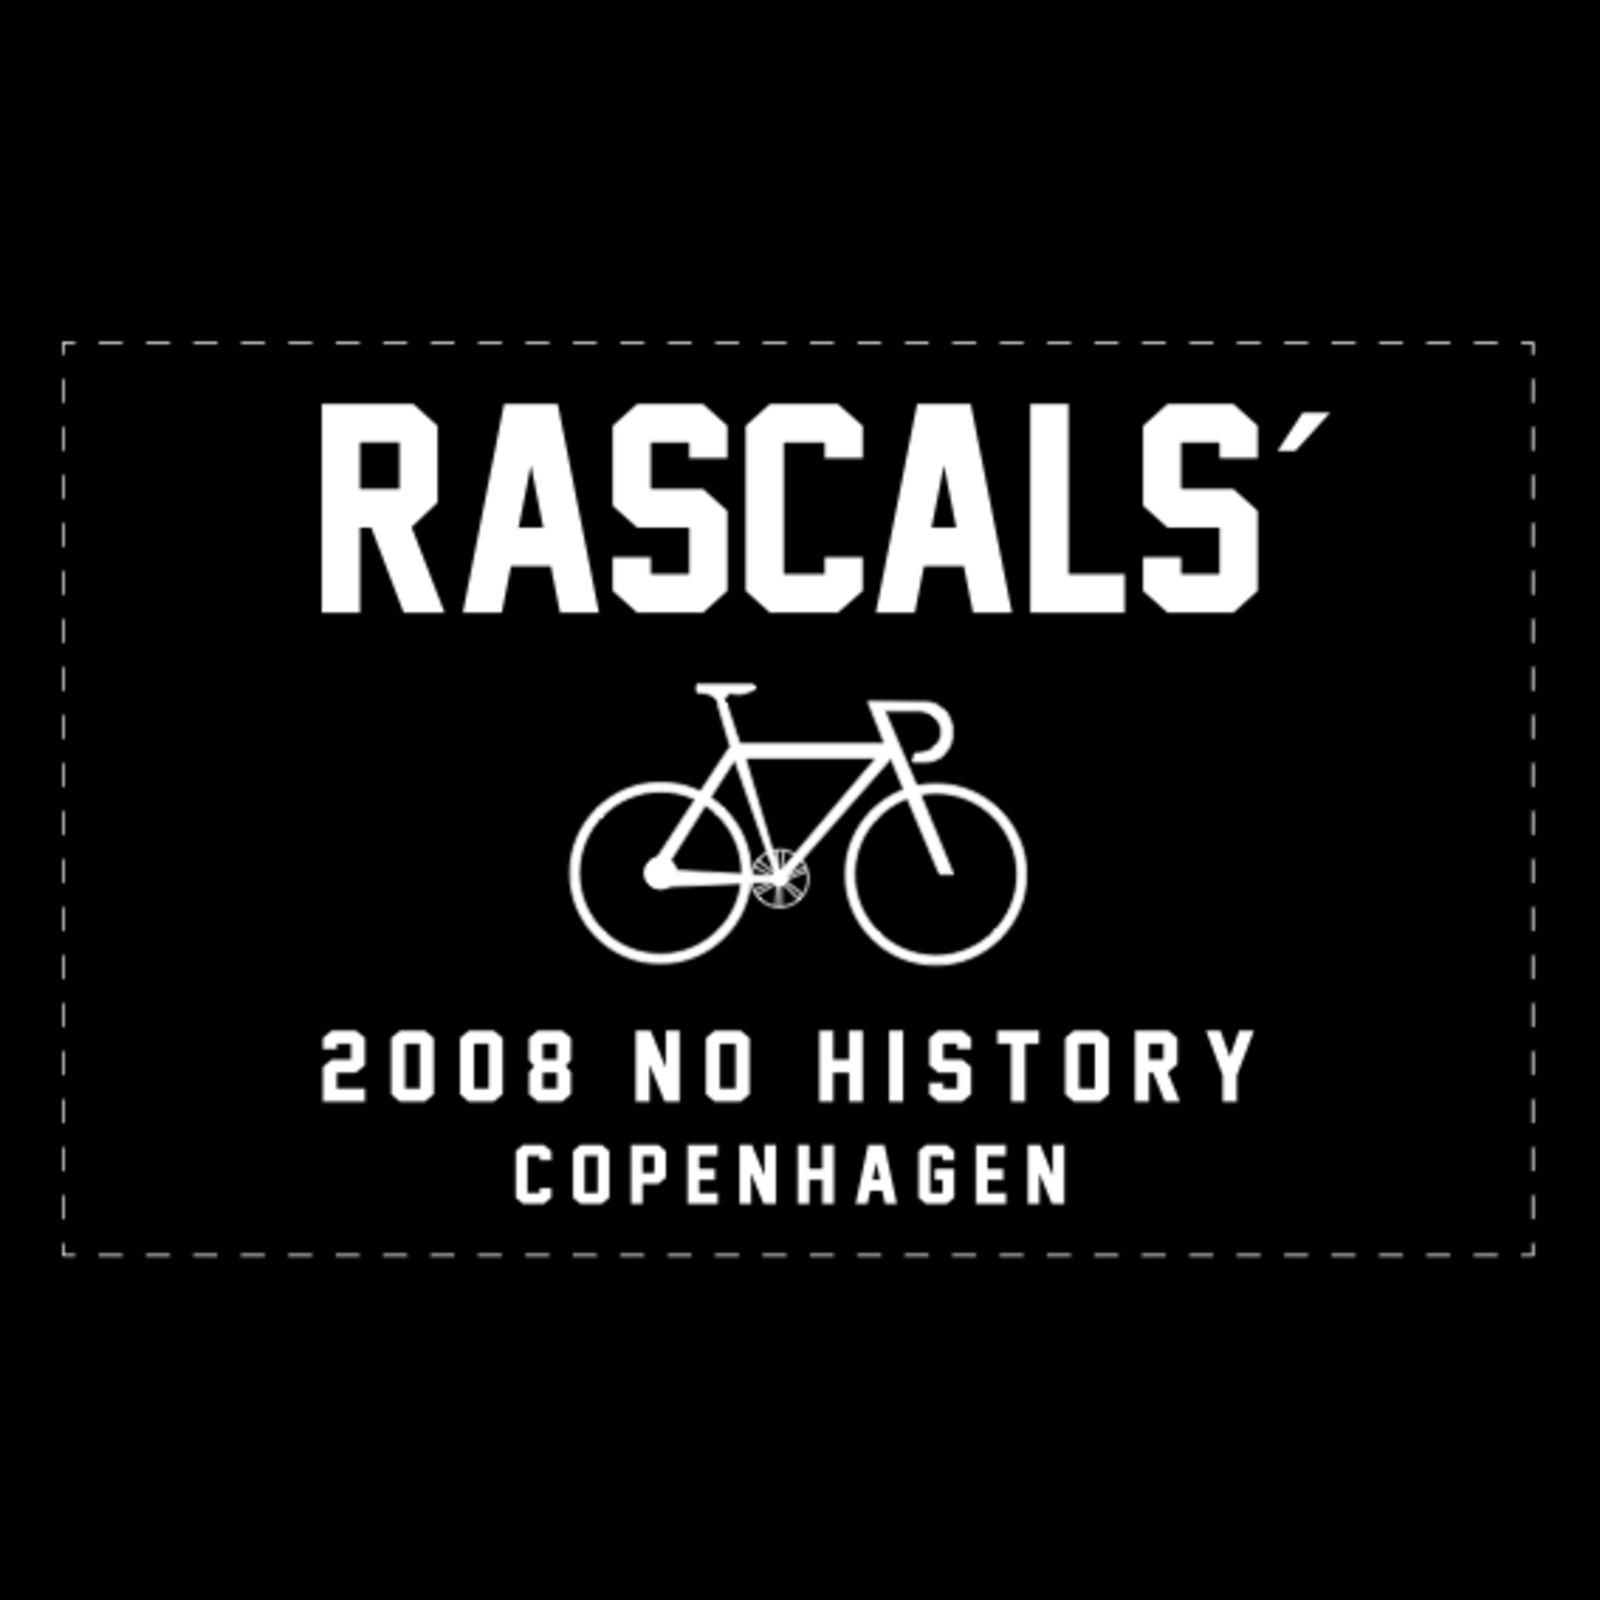 RASCALS'